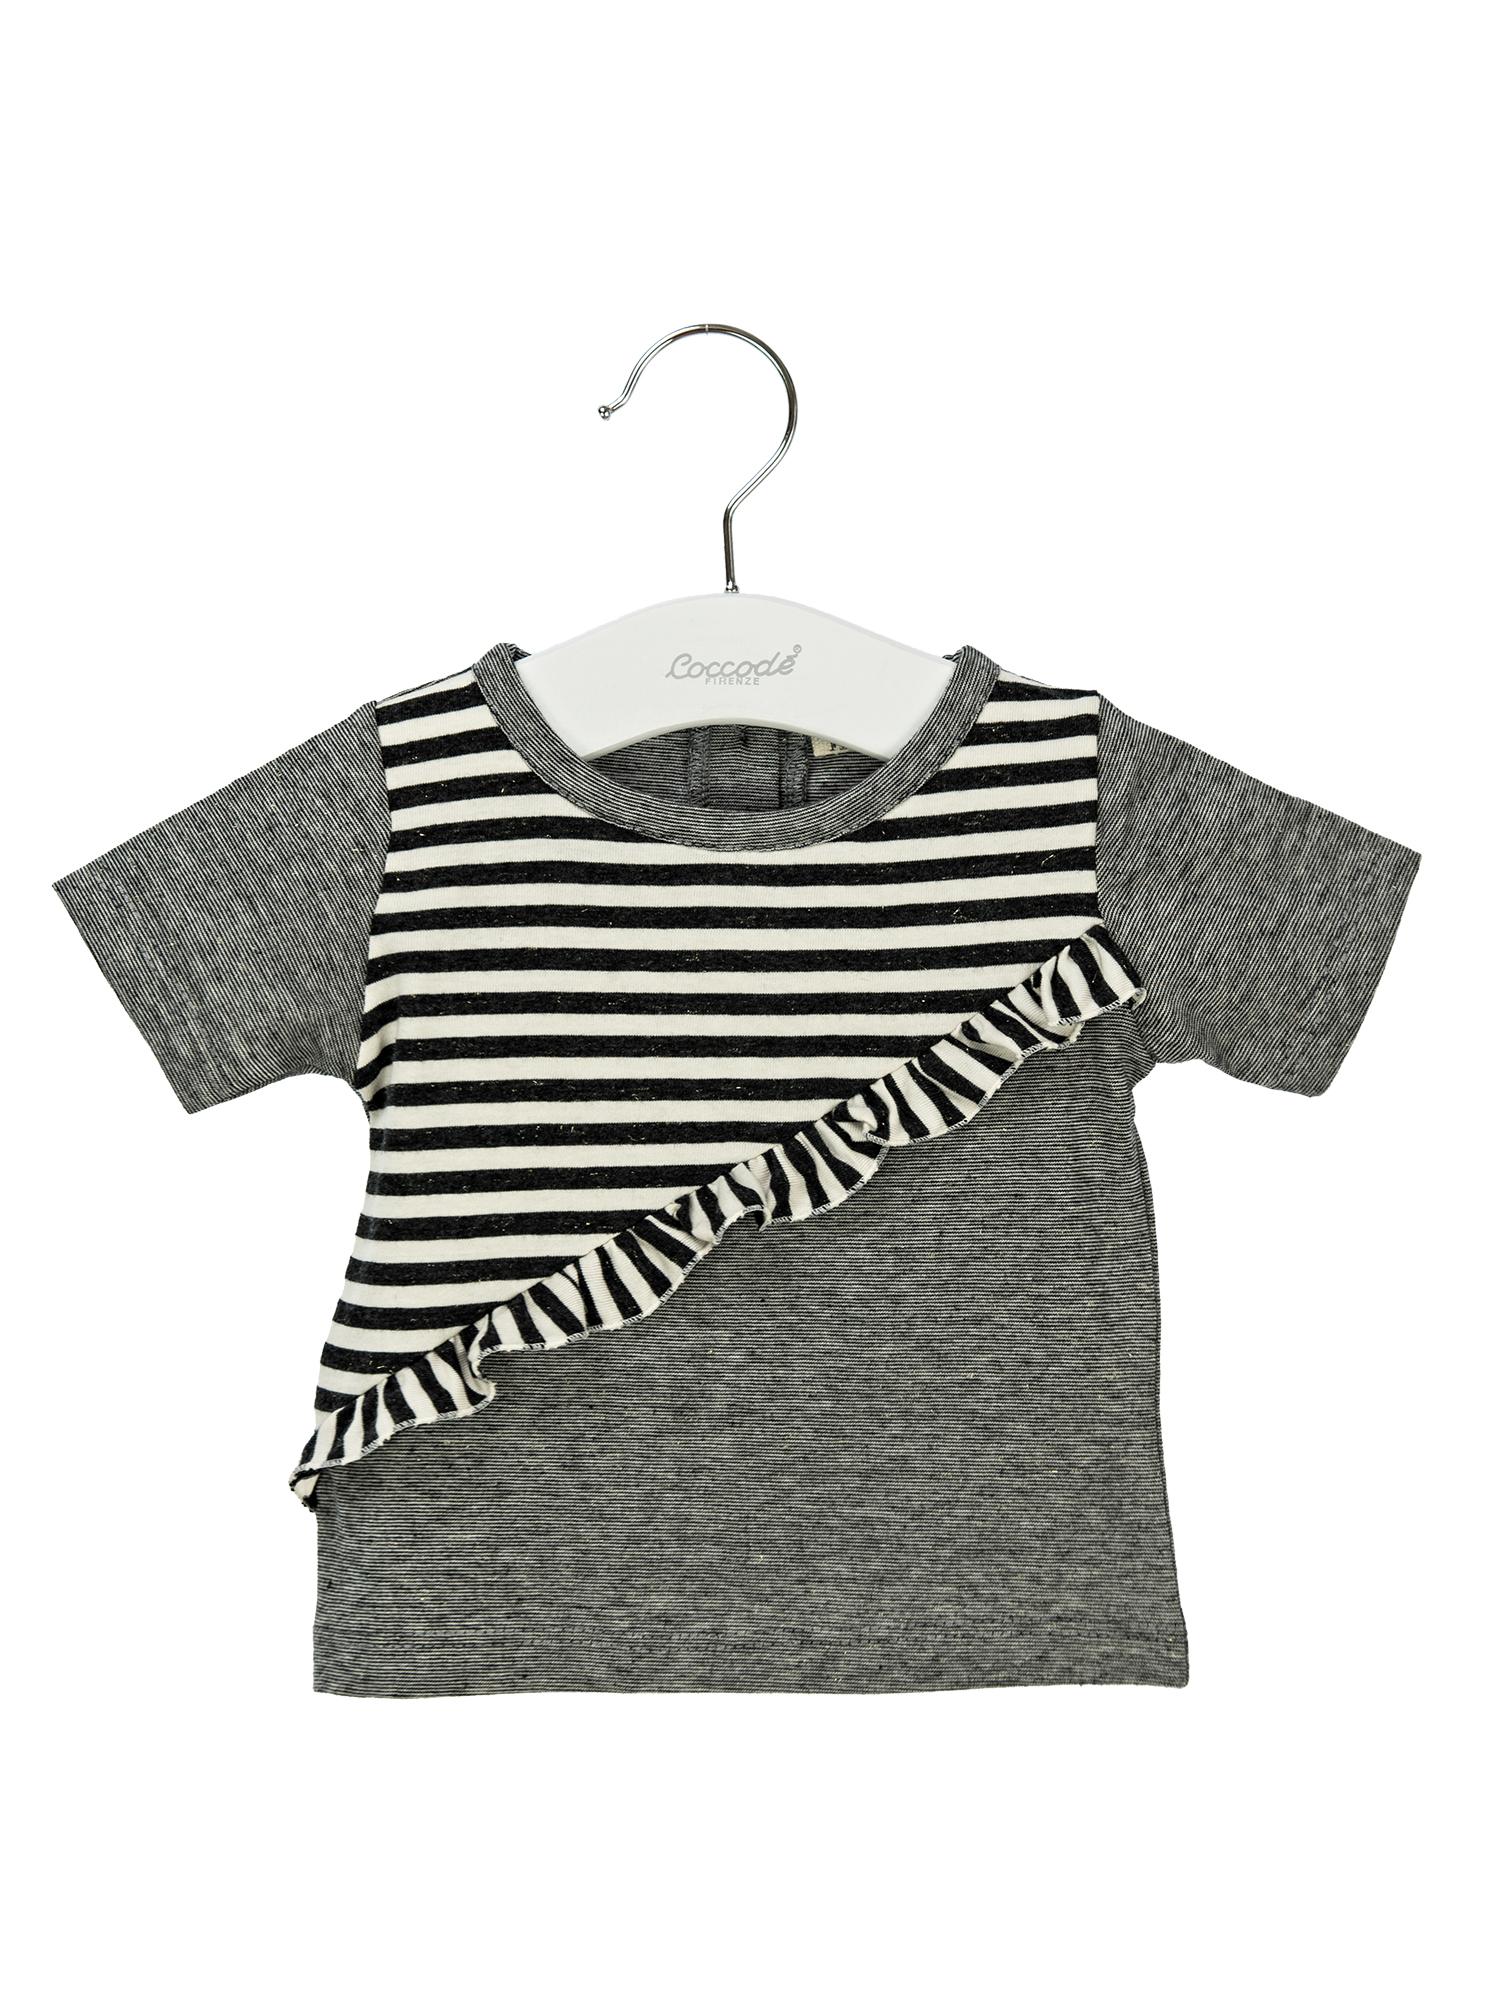 T-shirt rigata con rouches 3-36 mesi Coccodè